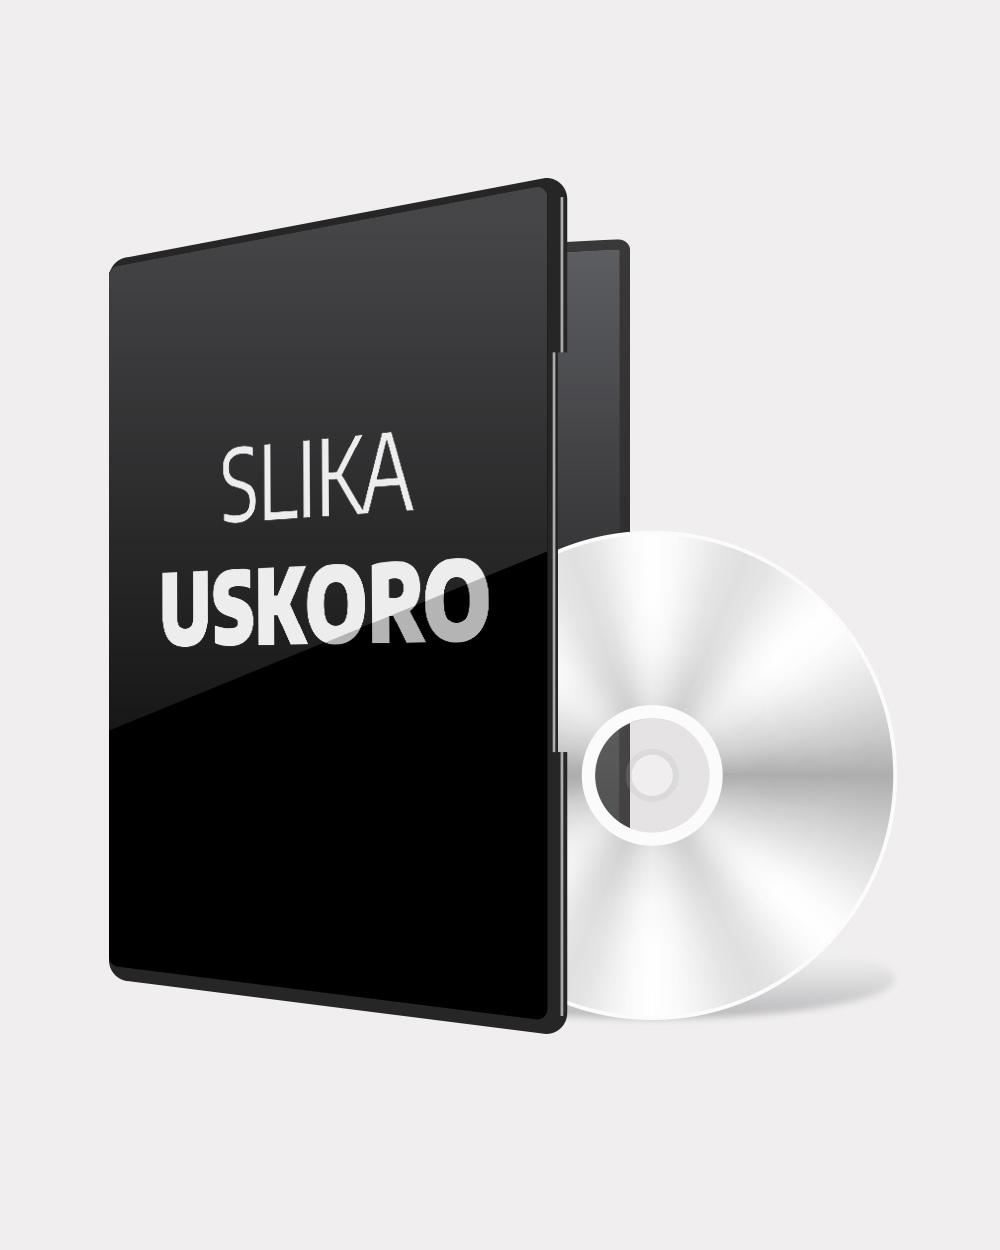 XBOX ONE PUBG - PlayerUnknowns Battlegrounds